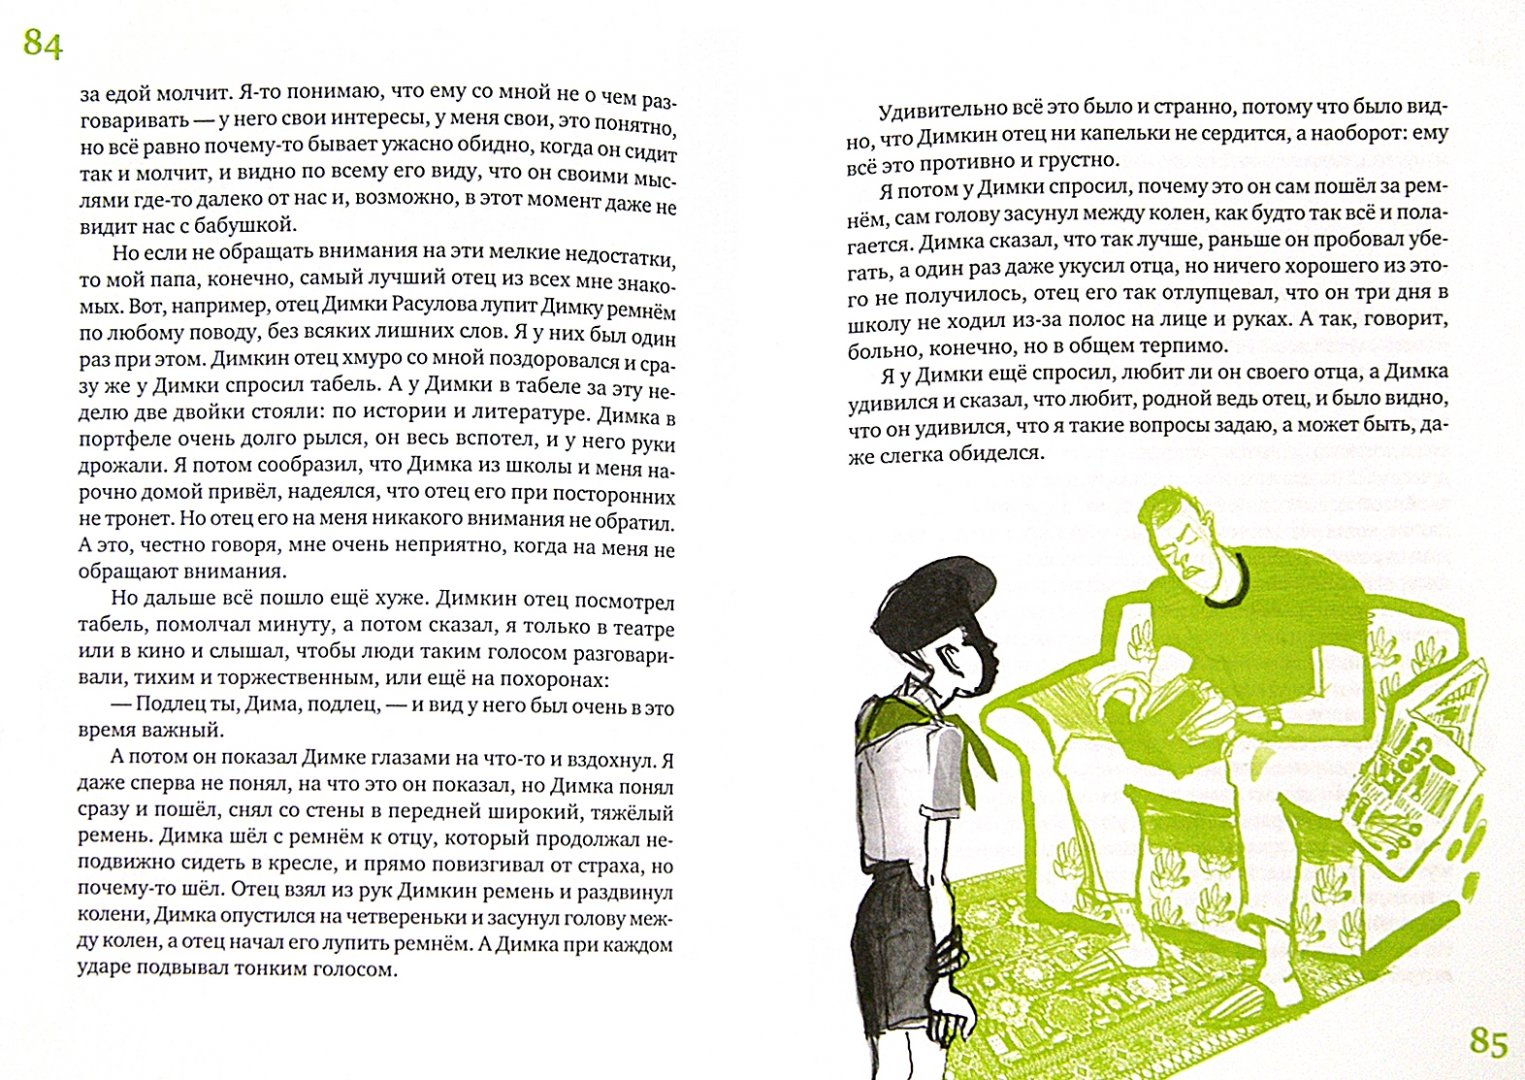 Иллюстрация 1 из 24 для Пусть он останется с нами - Максуд Ибрагимбеков   Лабиринт - книги. Источник: Лабиринт